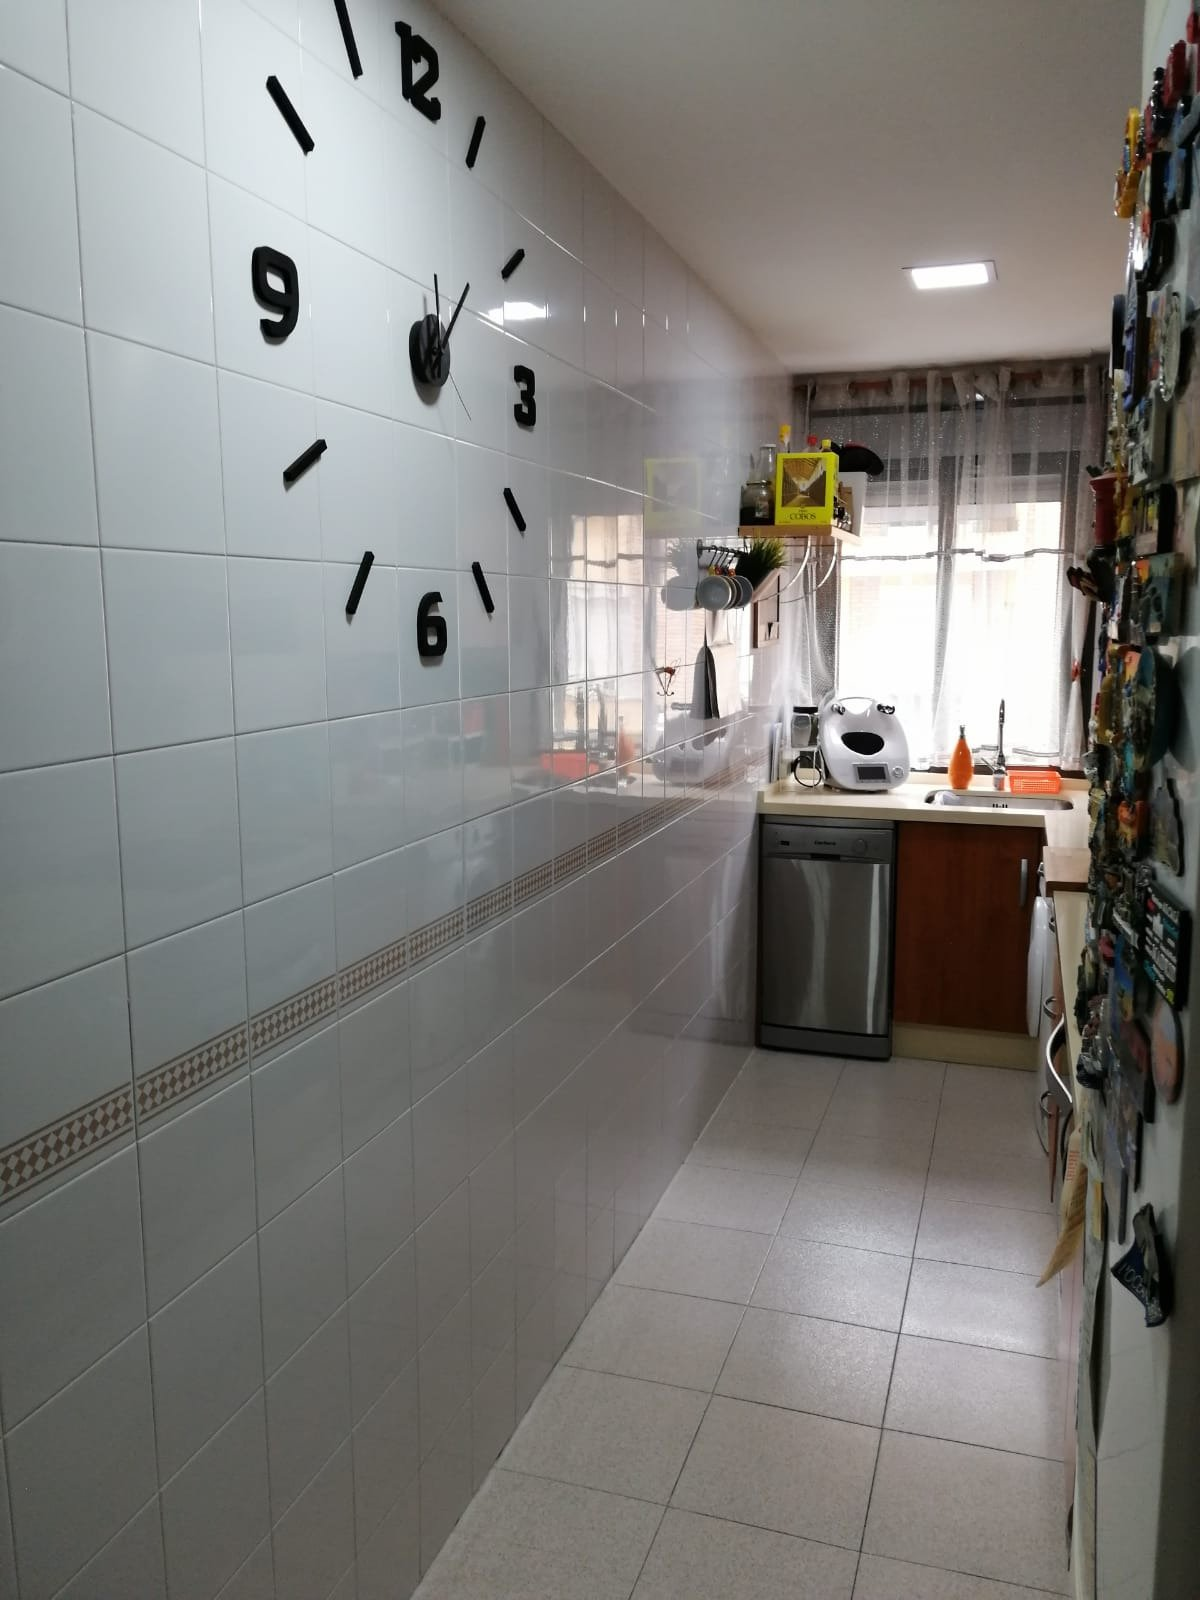 Maravilloso piso en zona levante - imagenInmueble12